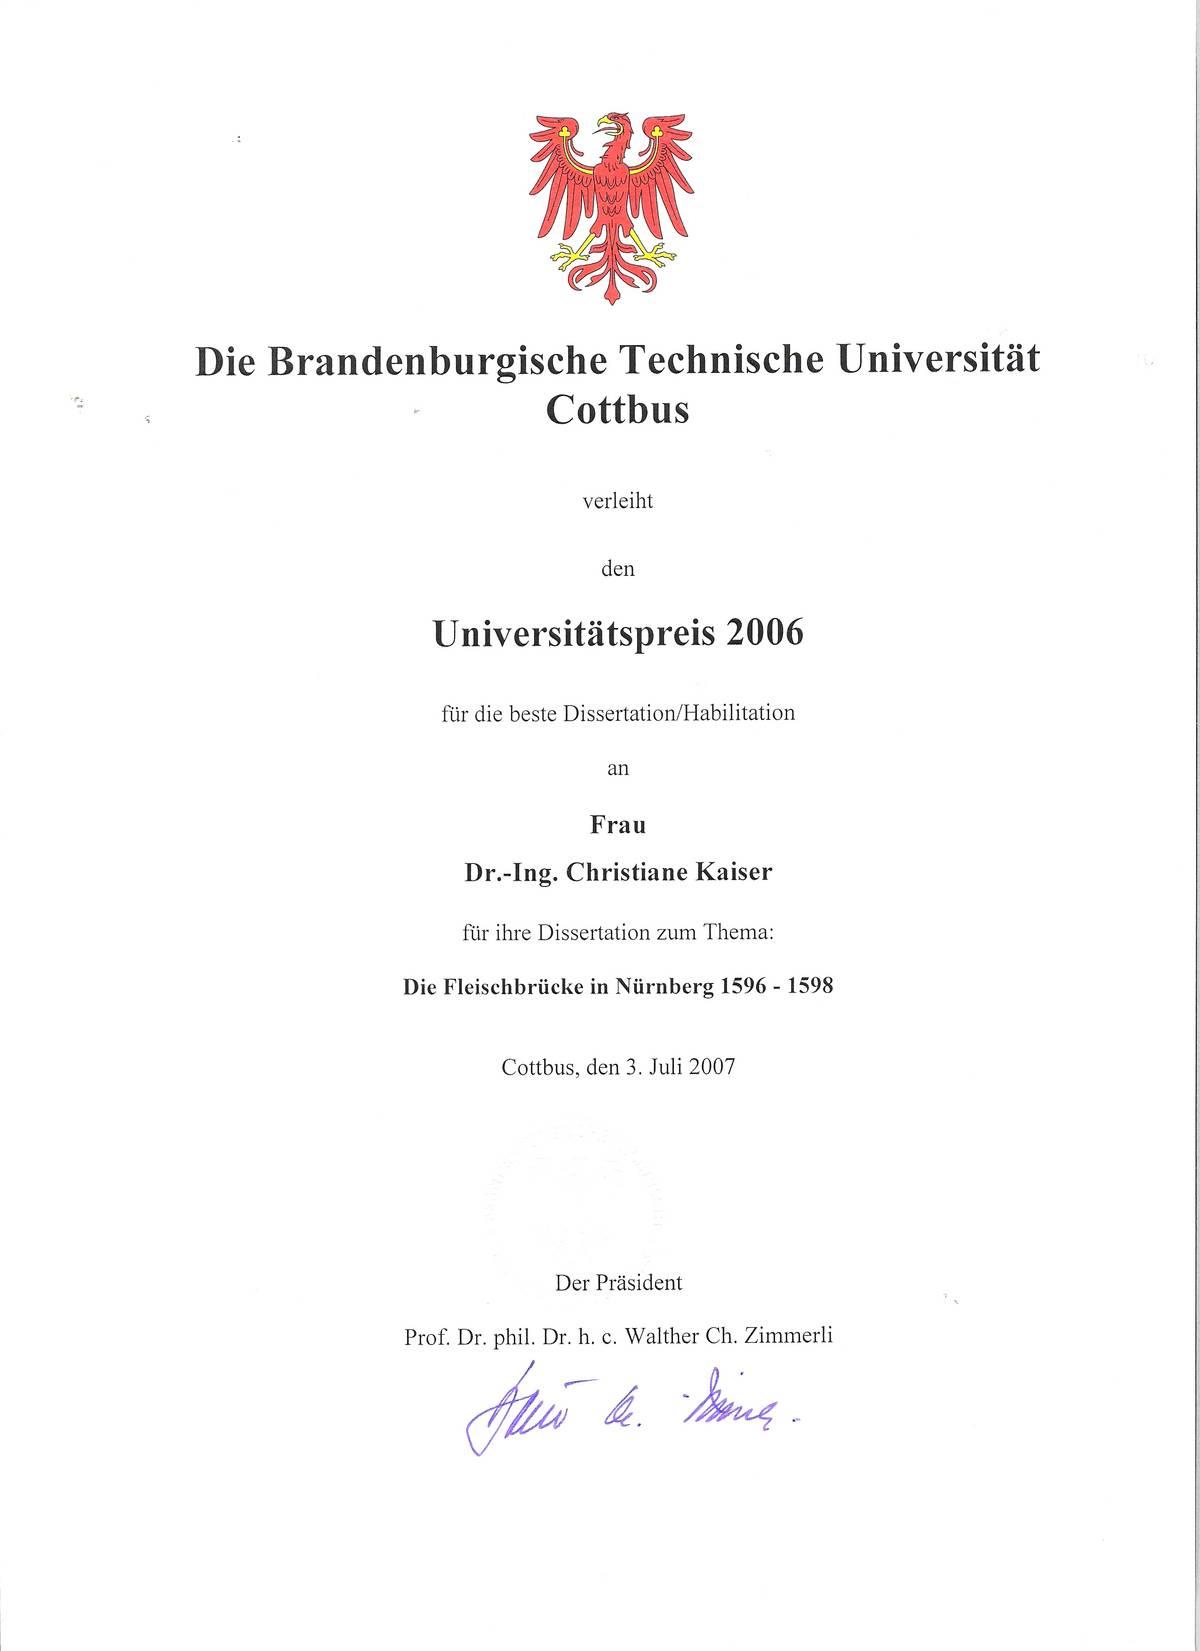 Dai preis dissertation